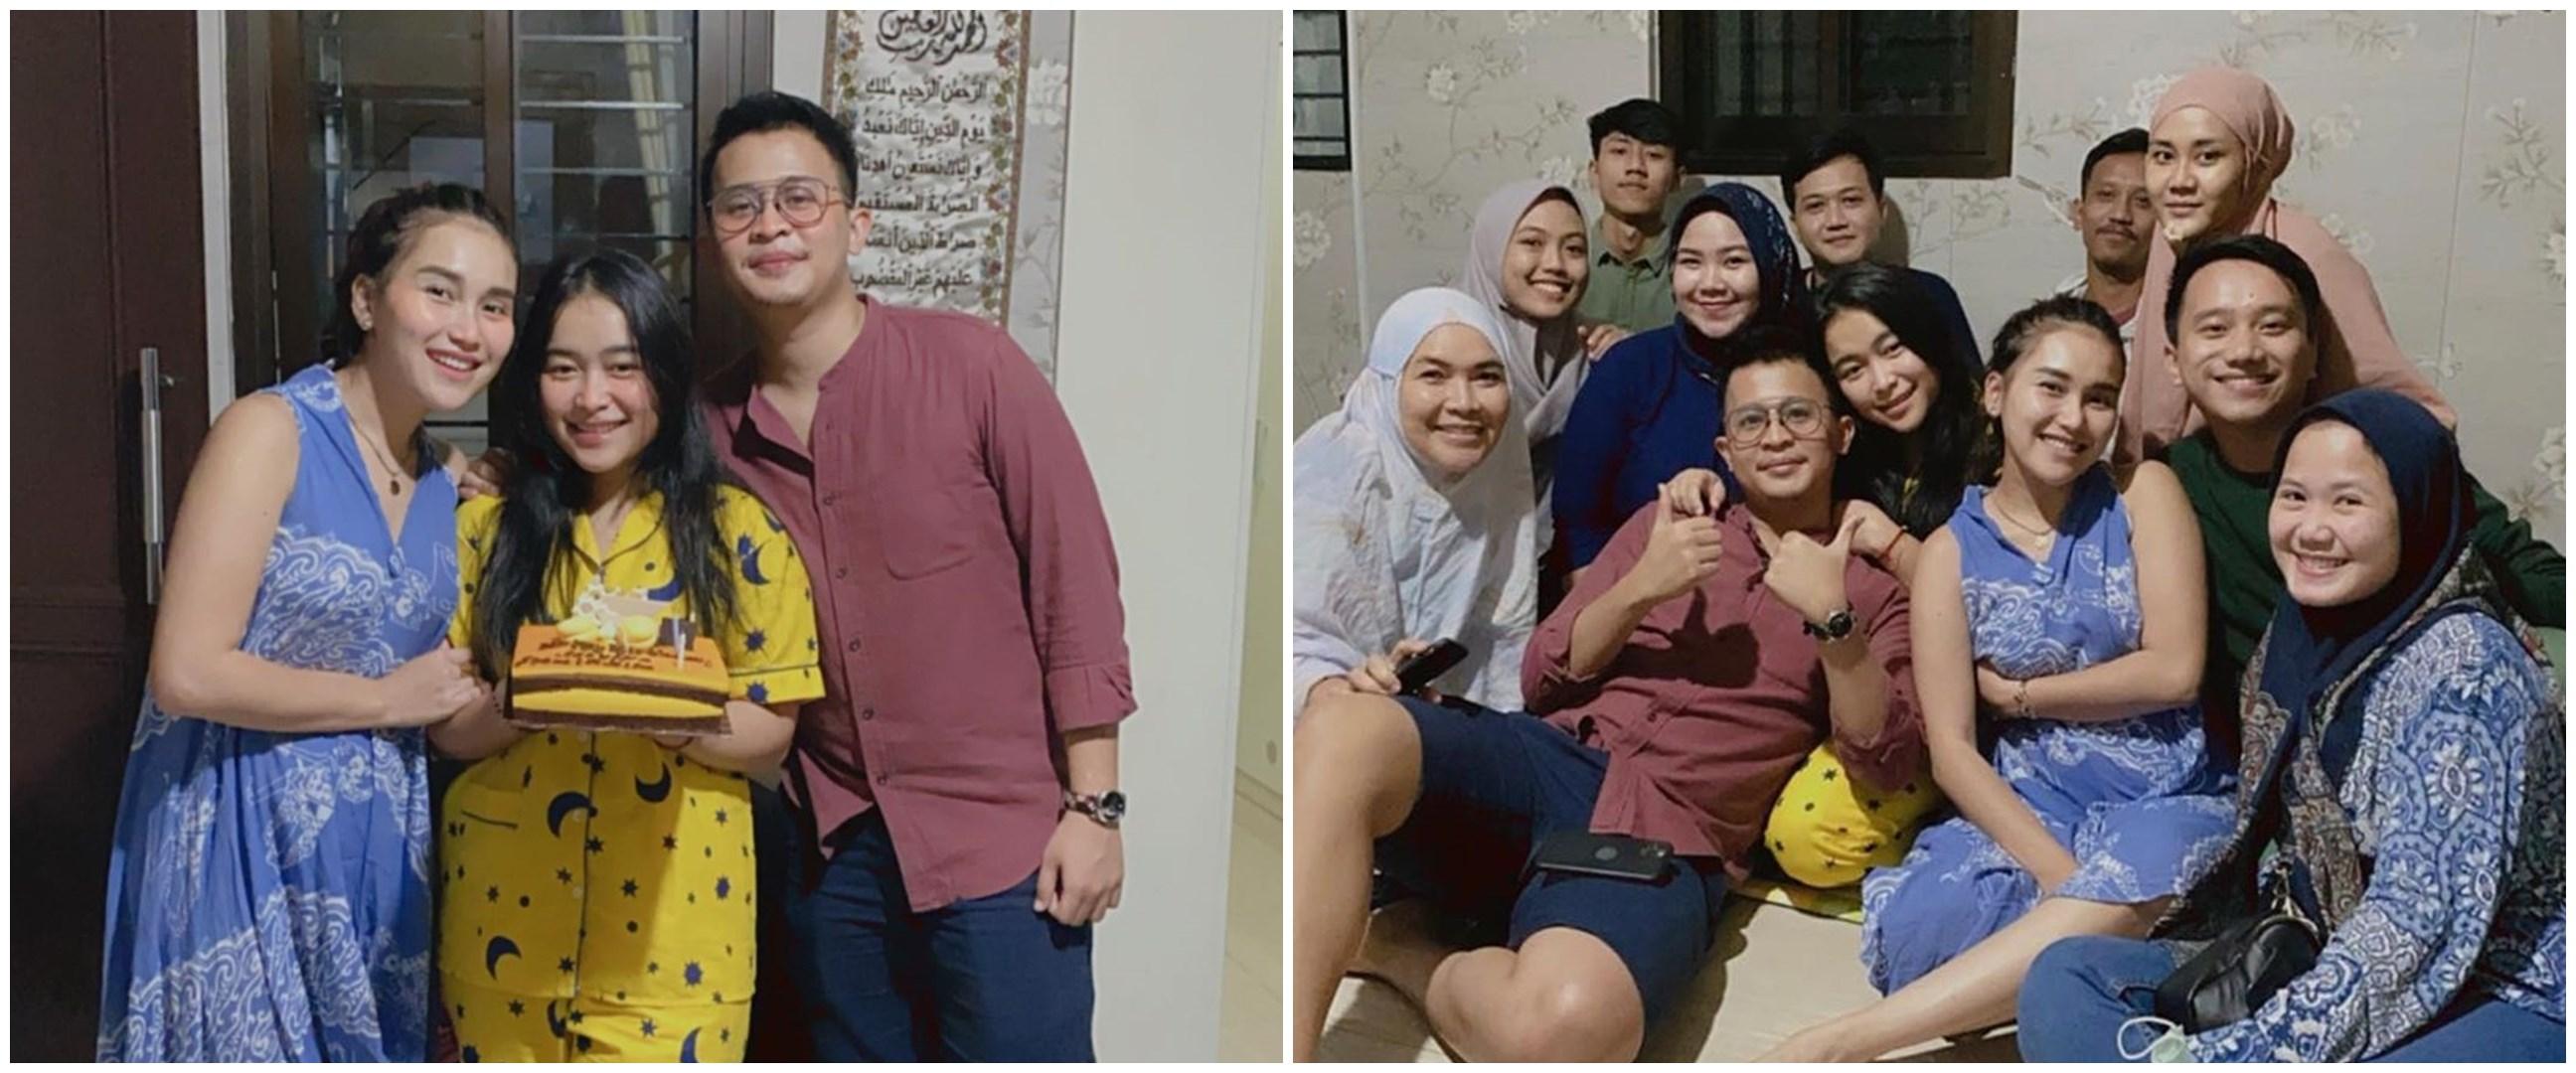 6 Potret ulang tahun Syifa adik Ayu Ting-Ting, dapat kejutan manis